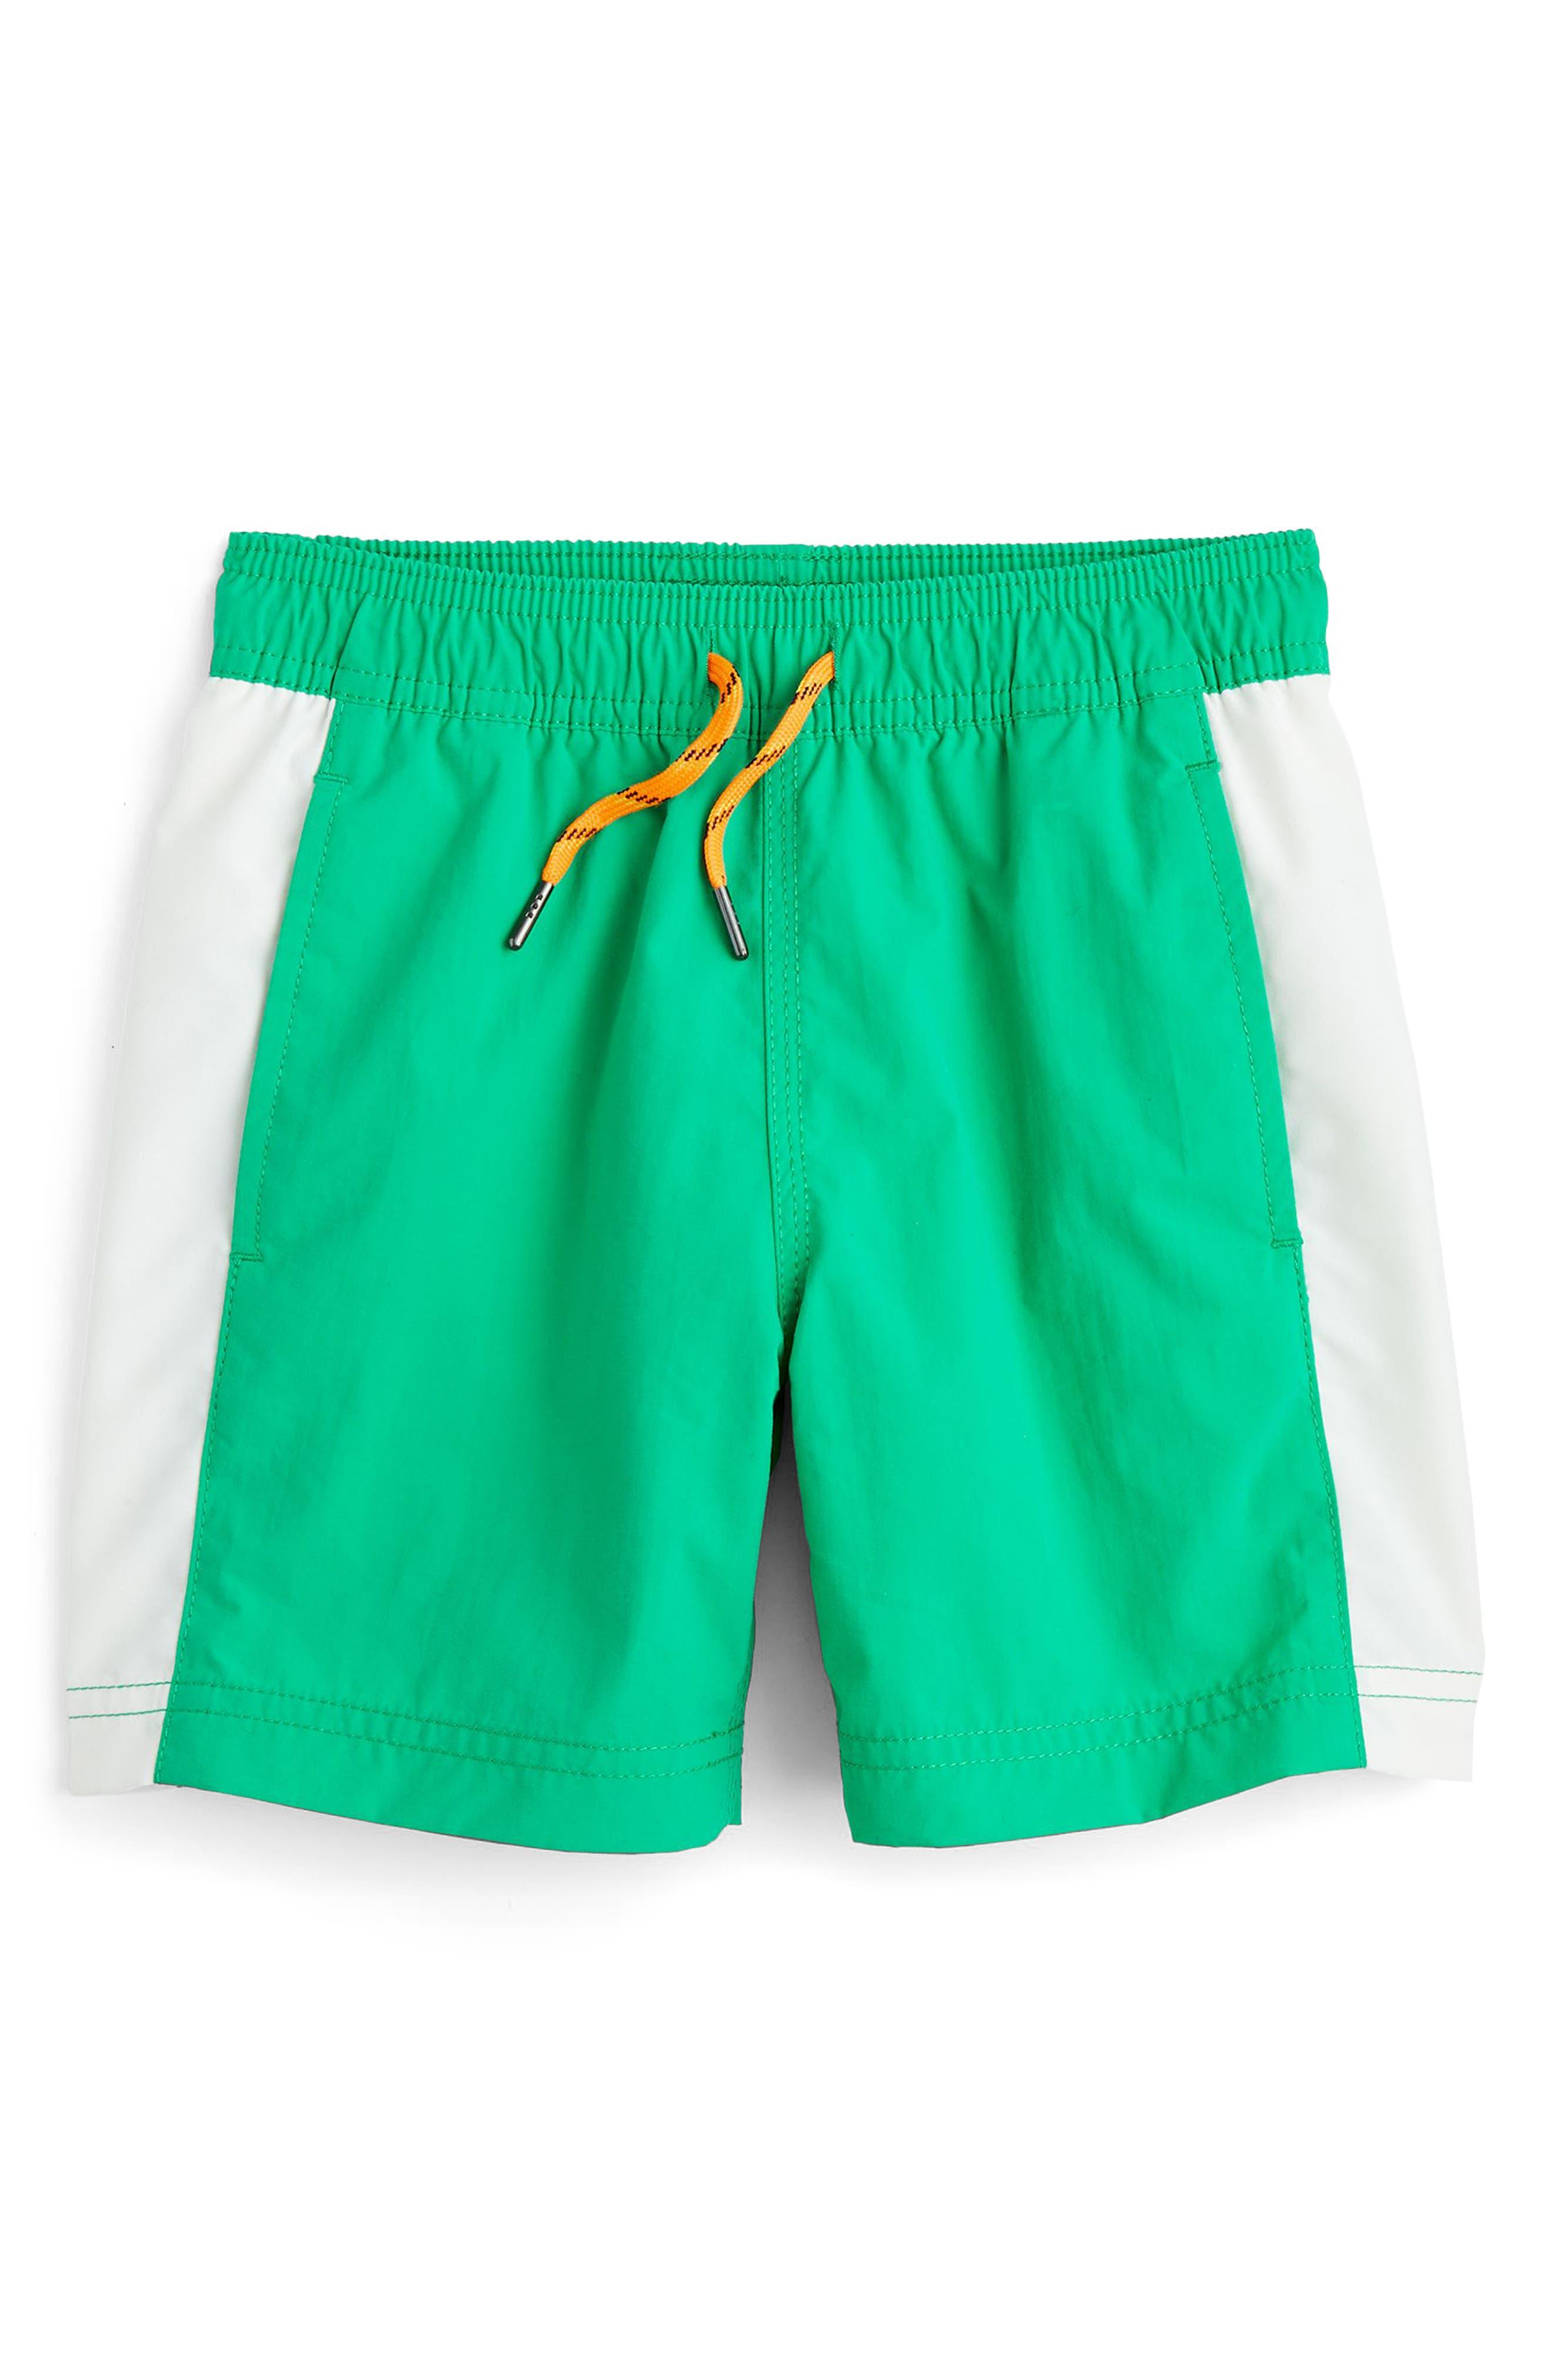 Colorblock Swim Trunks,                             Main thumbnail 1, color,                             Emerald White